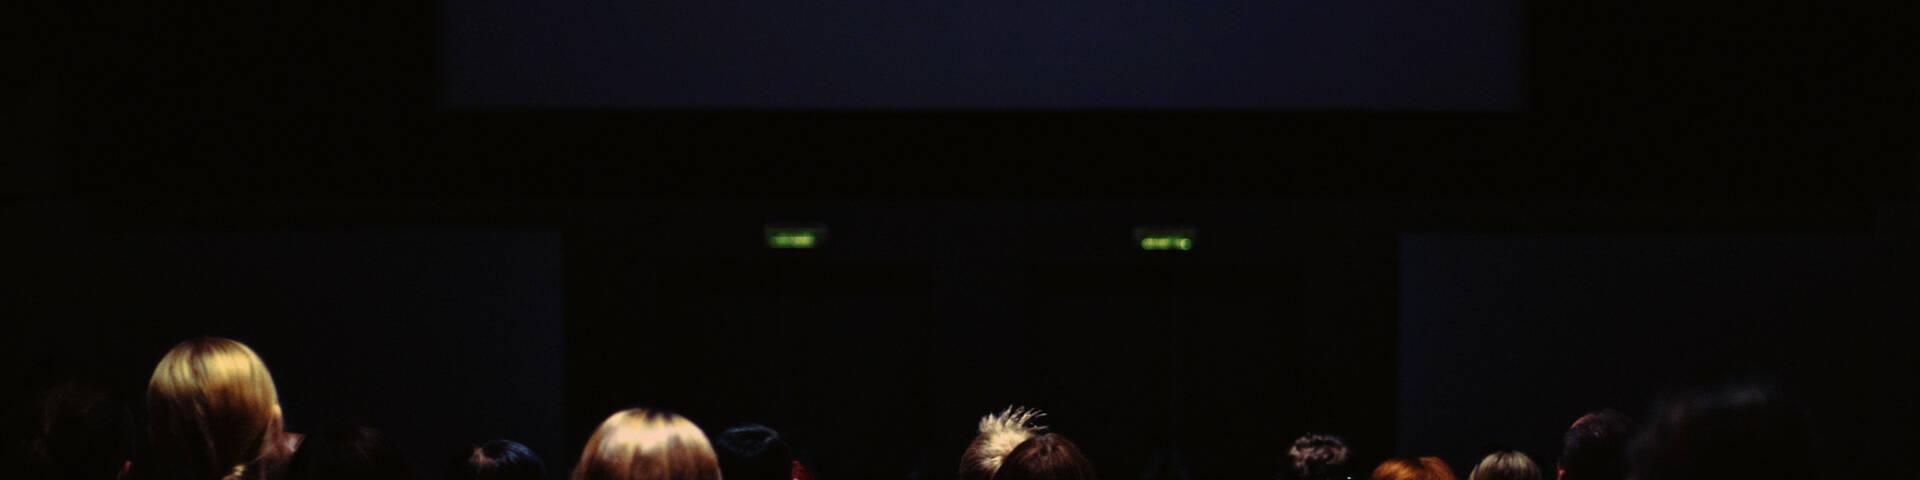 Cinéma © Erik Witsoe - Unsplash